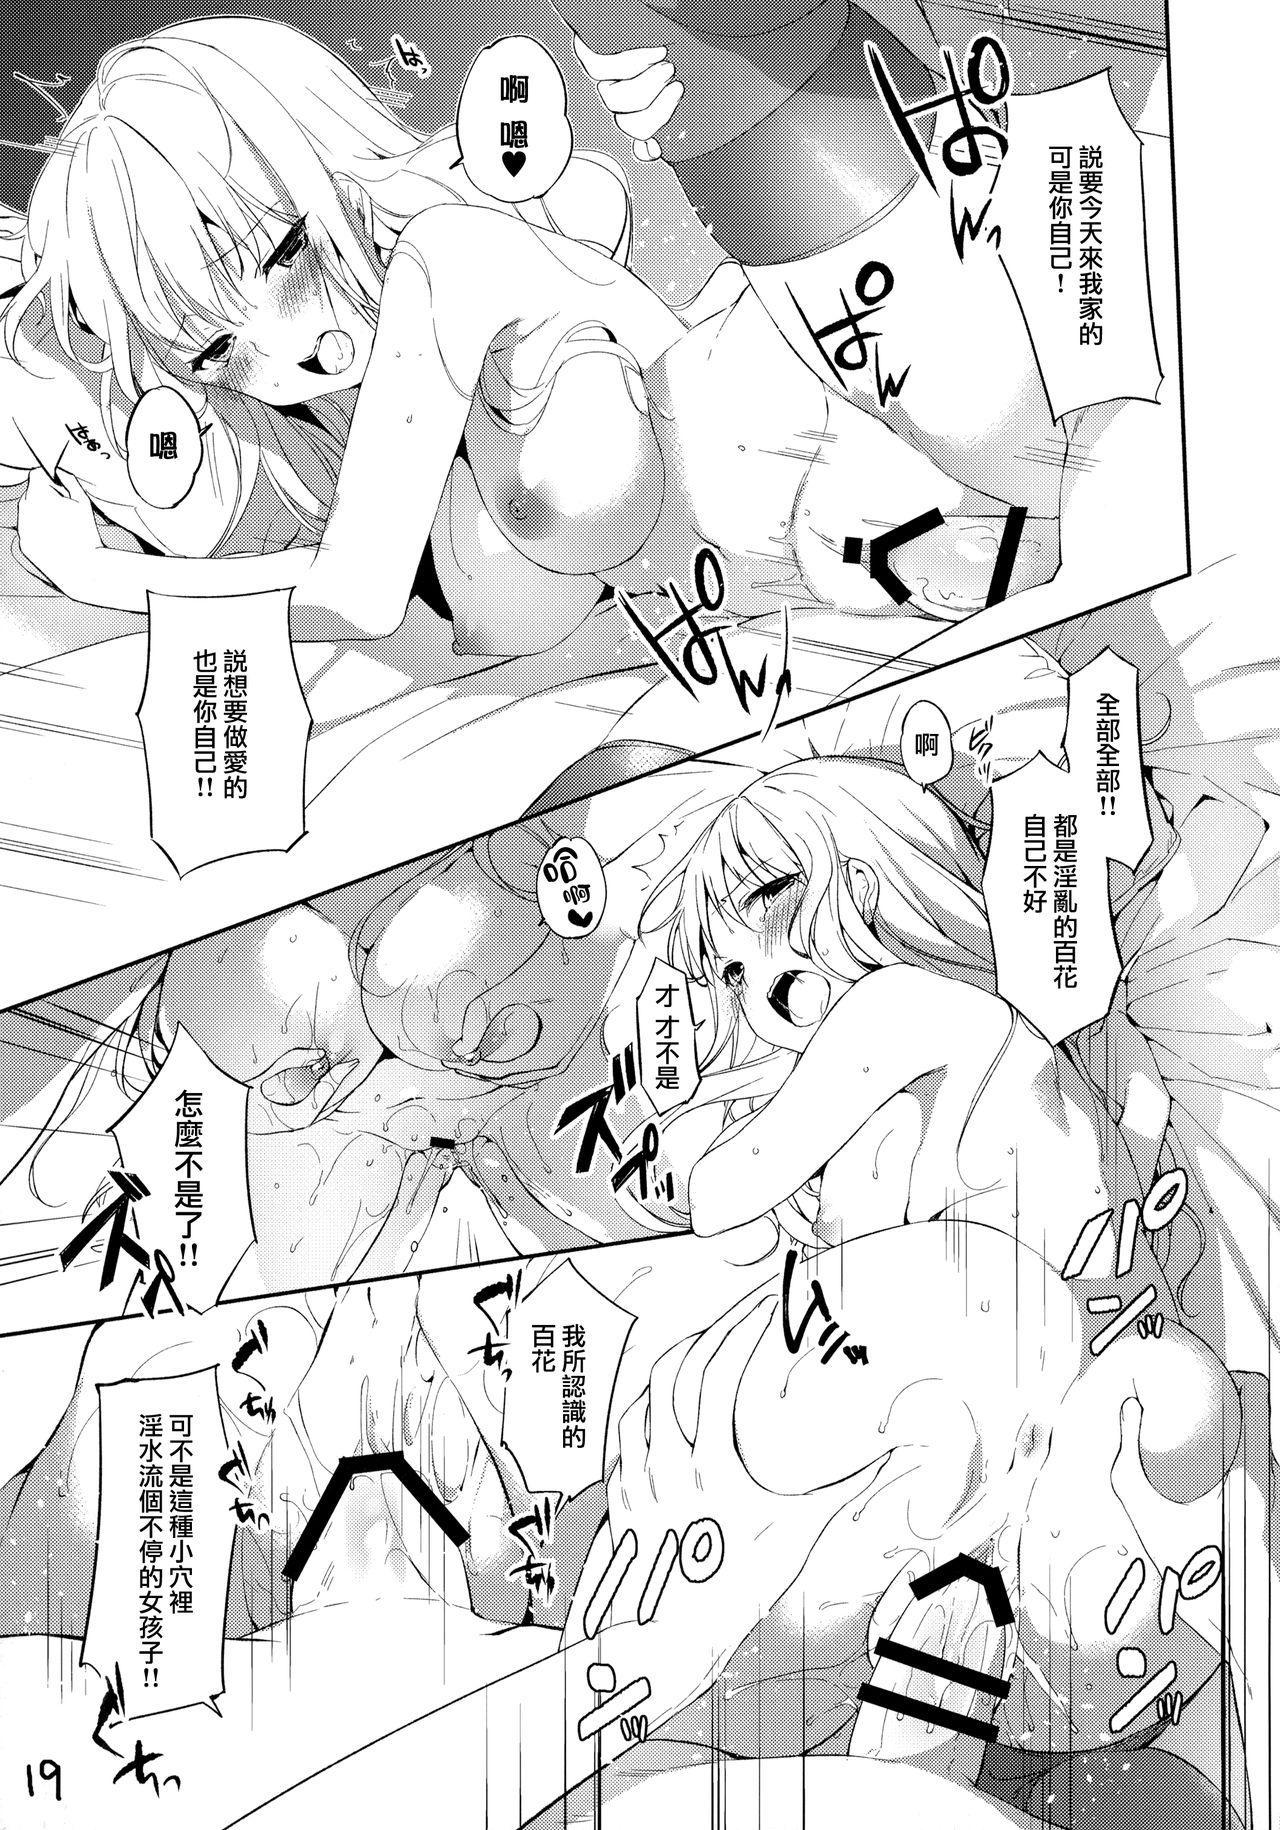 Kimi to Tsunagaritai 17